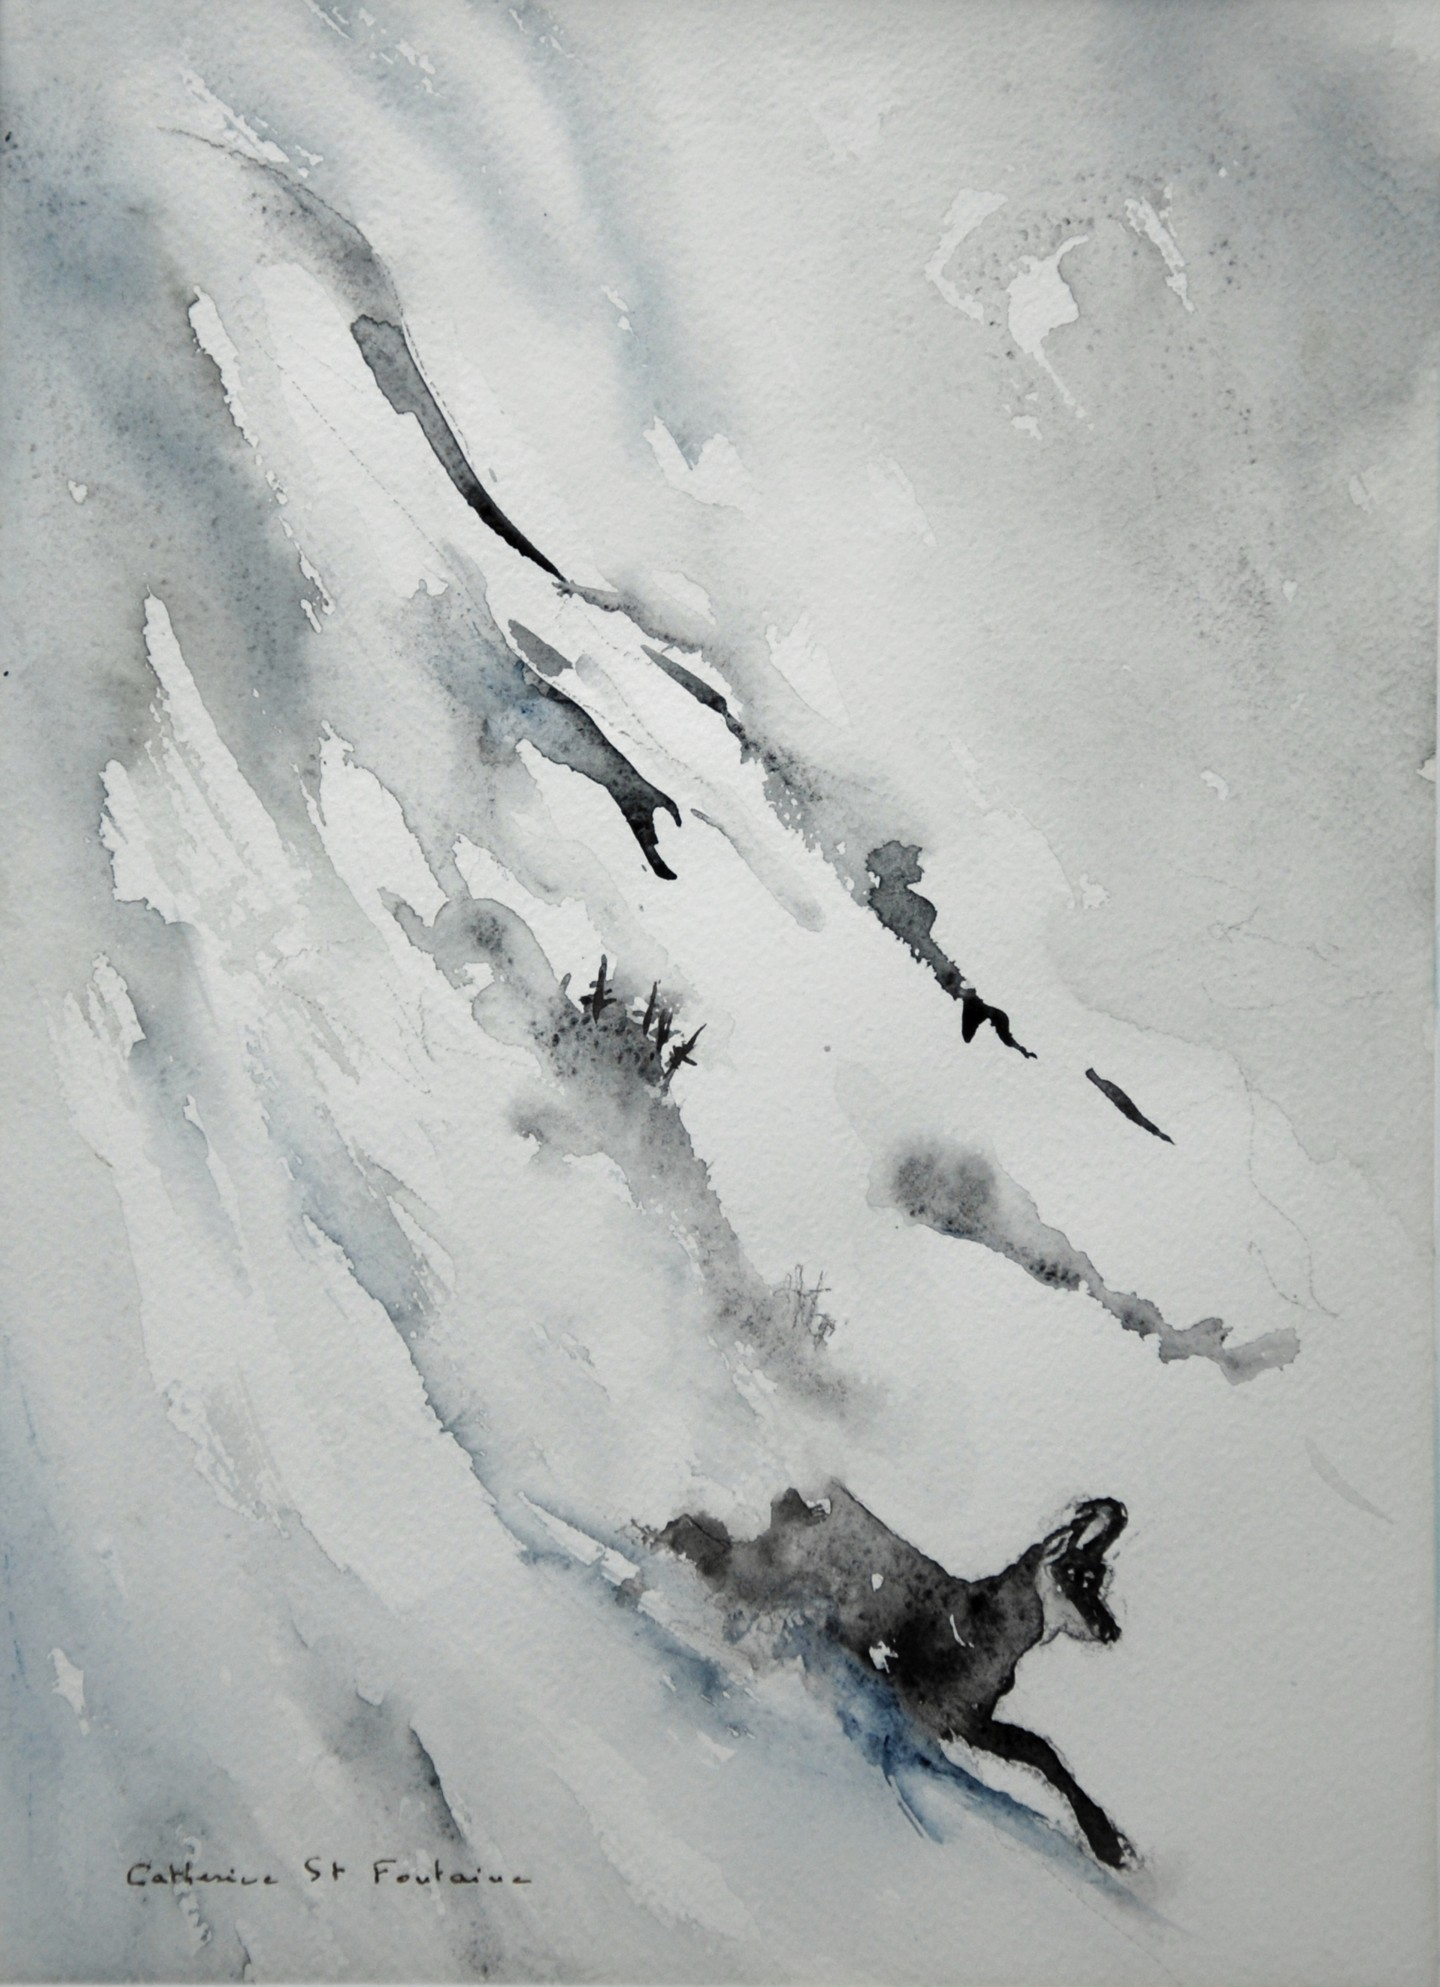 catherinesaintfontaine - la course du chamois